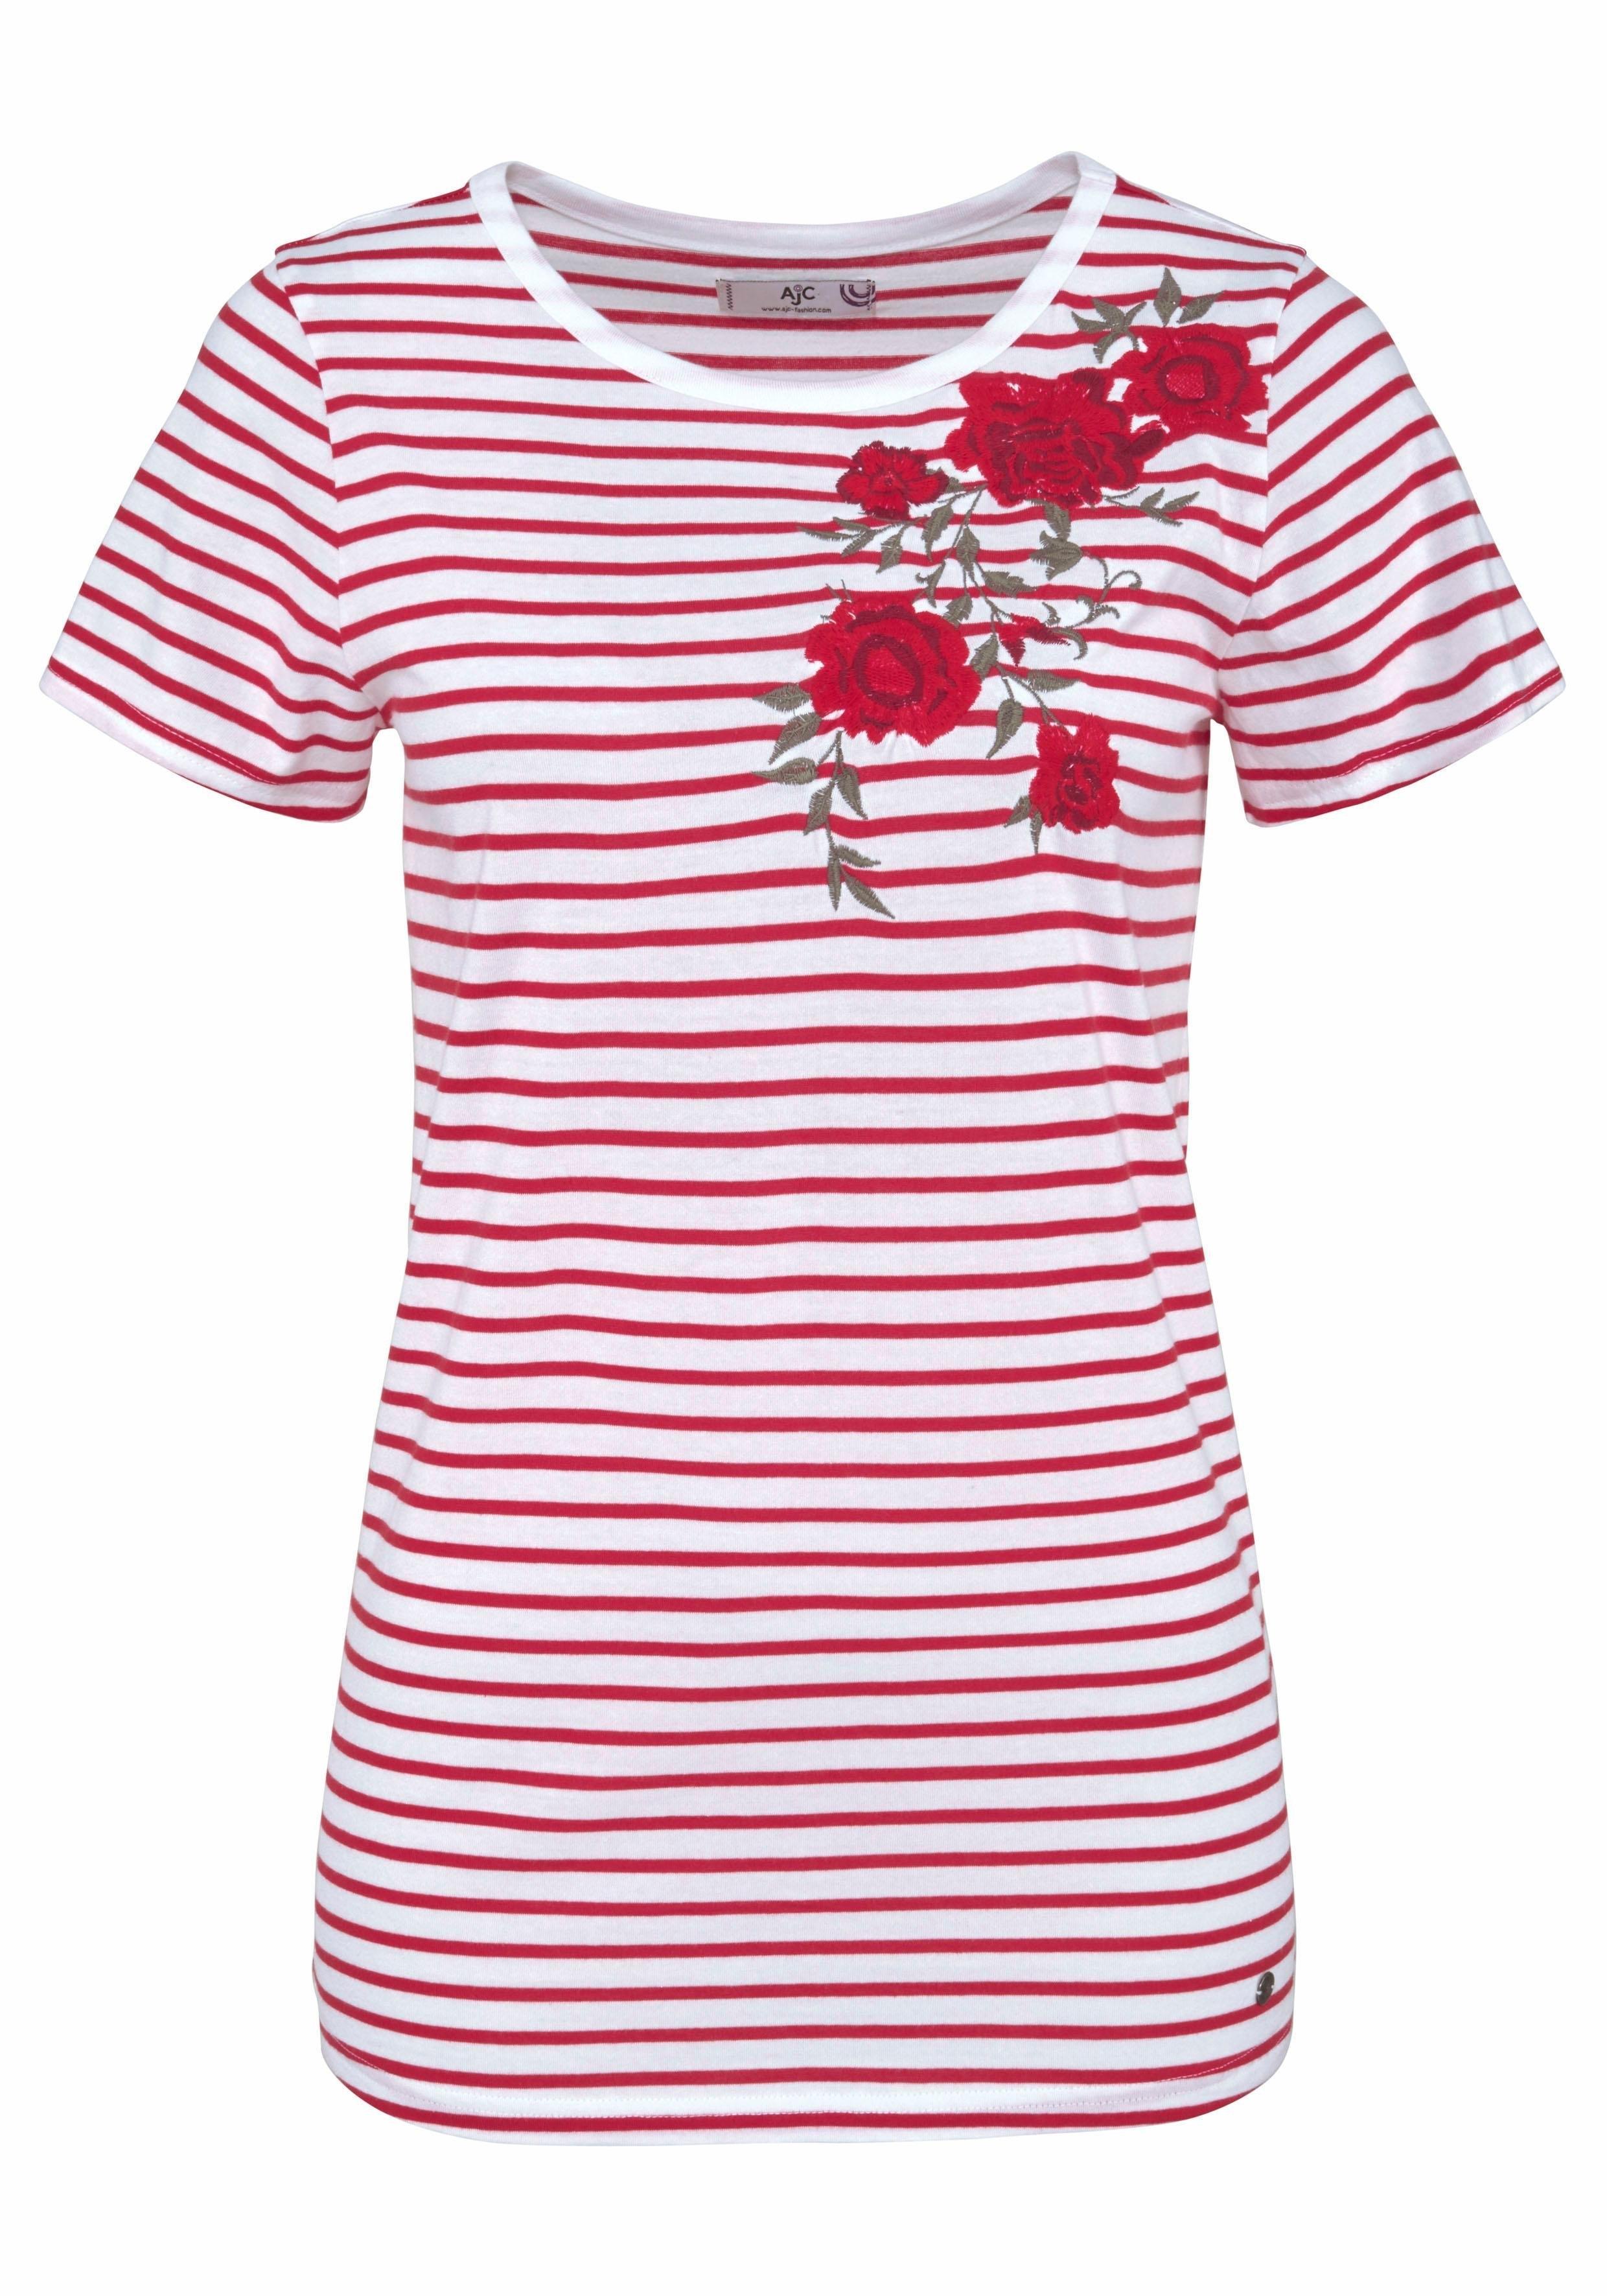 Bestellen T Online Ajc shirt Ajc T HIE9YWD2